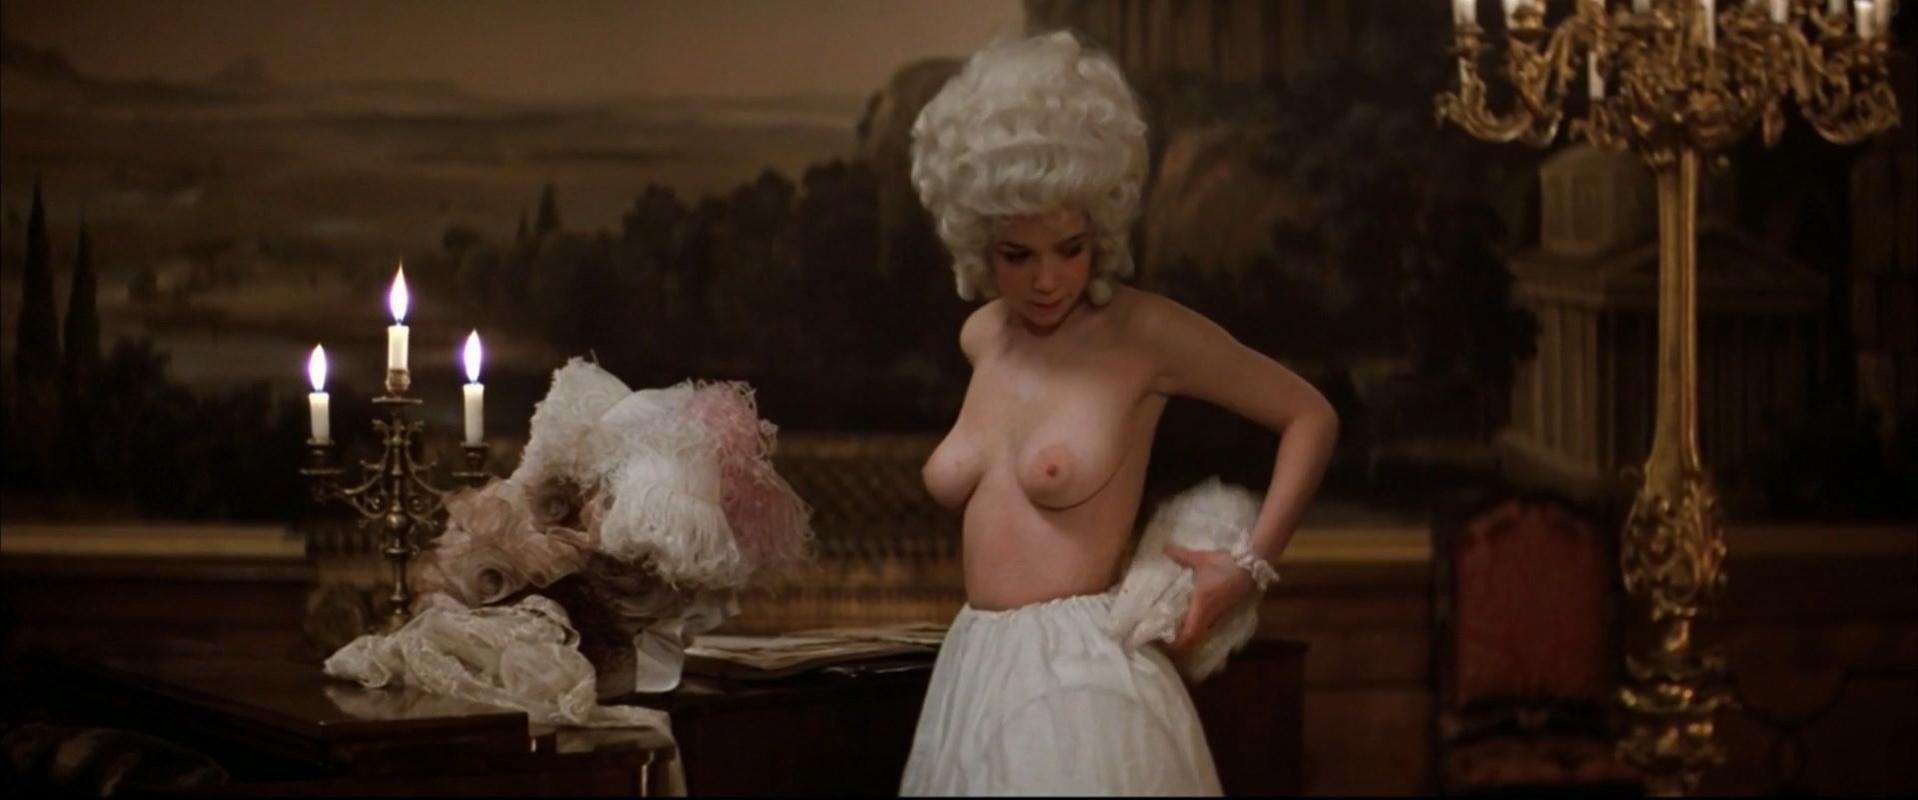 tits Elizabeth berridge